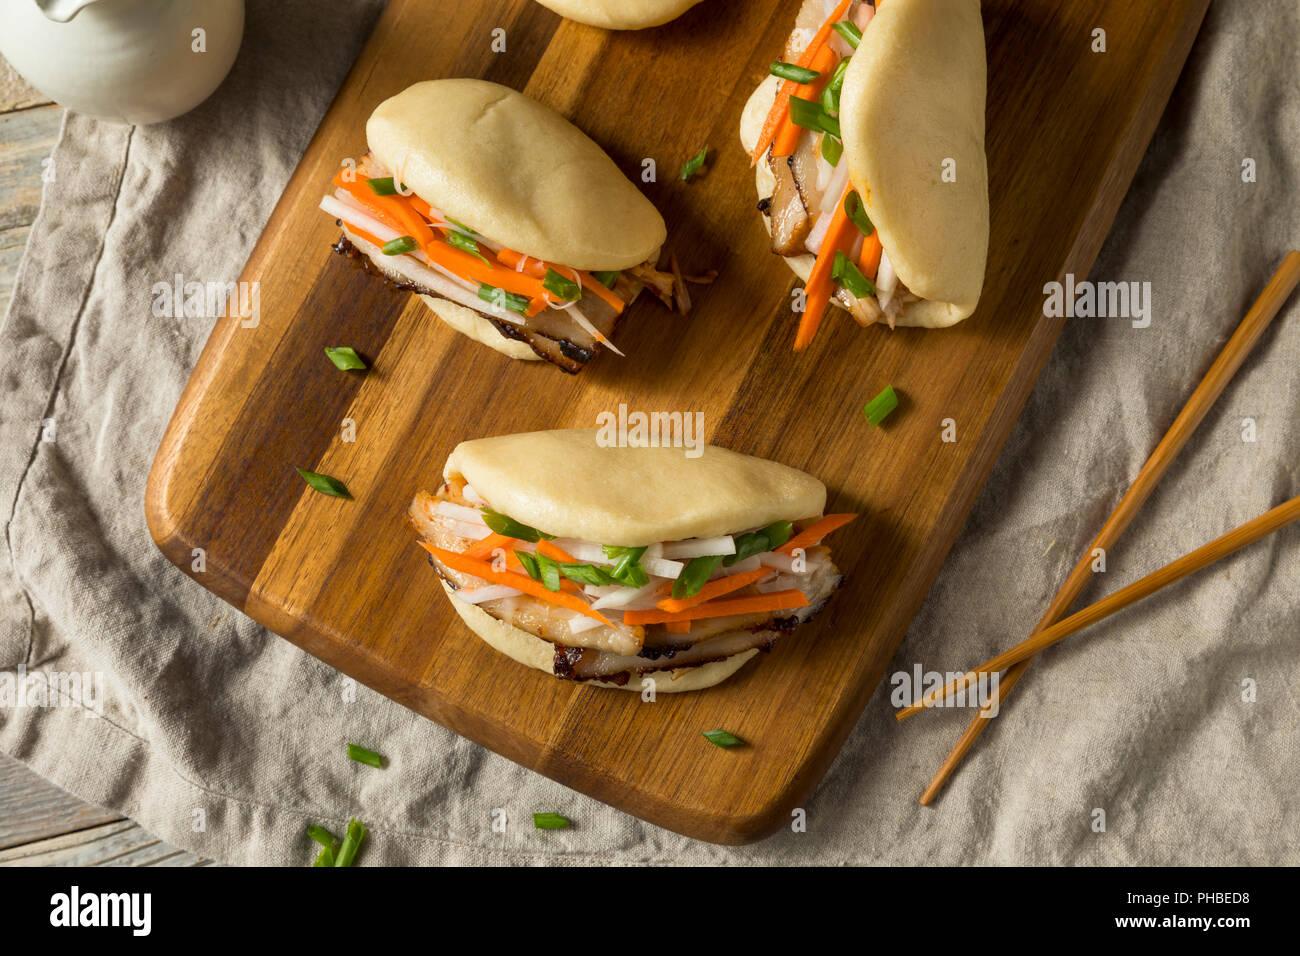 In casa al vapore pancetta di maiale Bao panini con verdure Immagini Stock